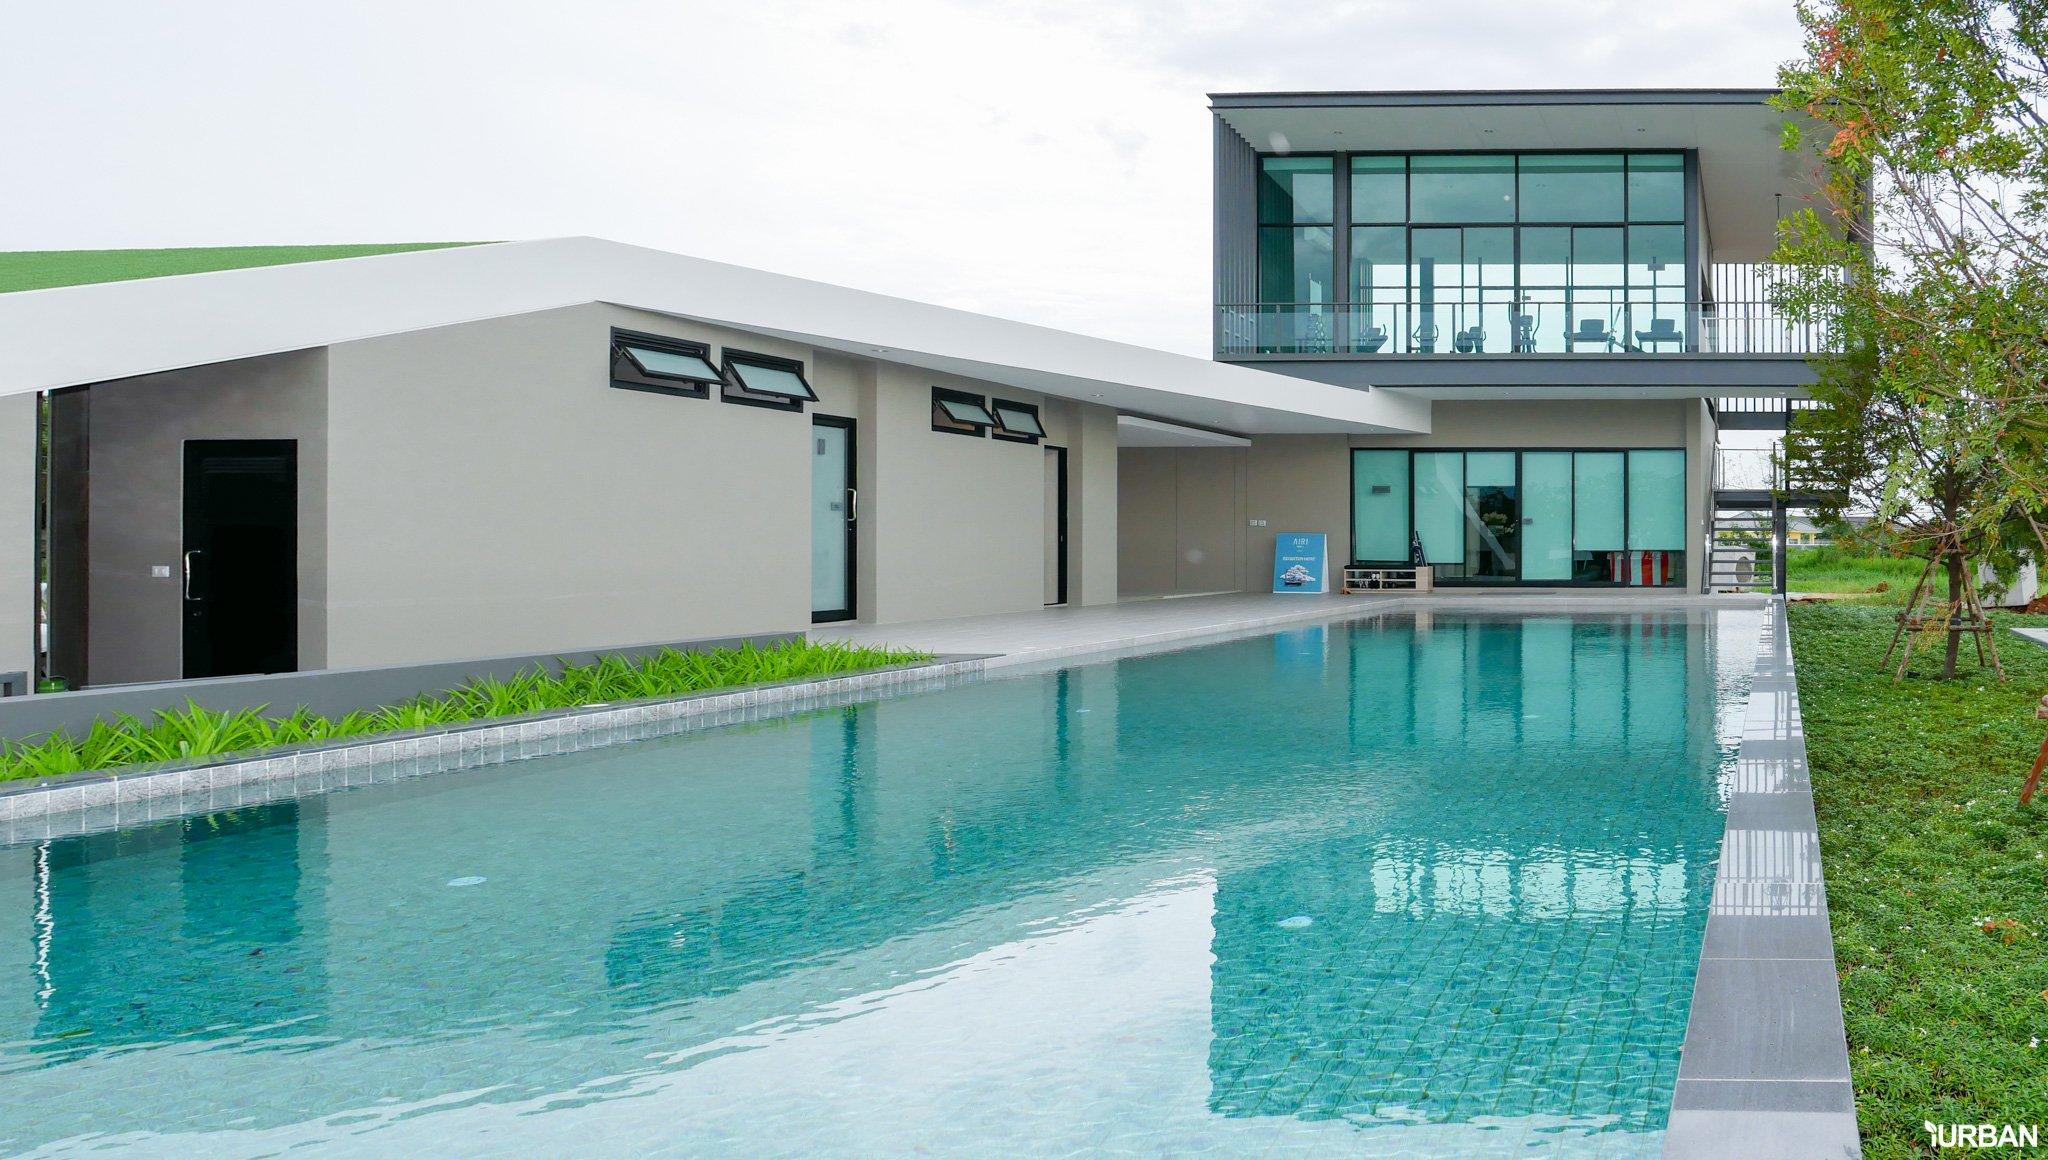 AIRI แอริ พระราม 2 บ้านเดี่ยว 4 ห้องนอน ออกแบบโปร่งสบายด้วยแนวคิดผสานการใช้ชีวิตกับธรรมชาติ 91 - Ananda Development (อนันดา ดีเวลลอปเม้นท์)